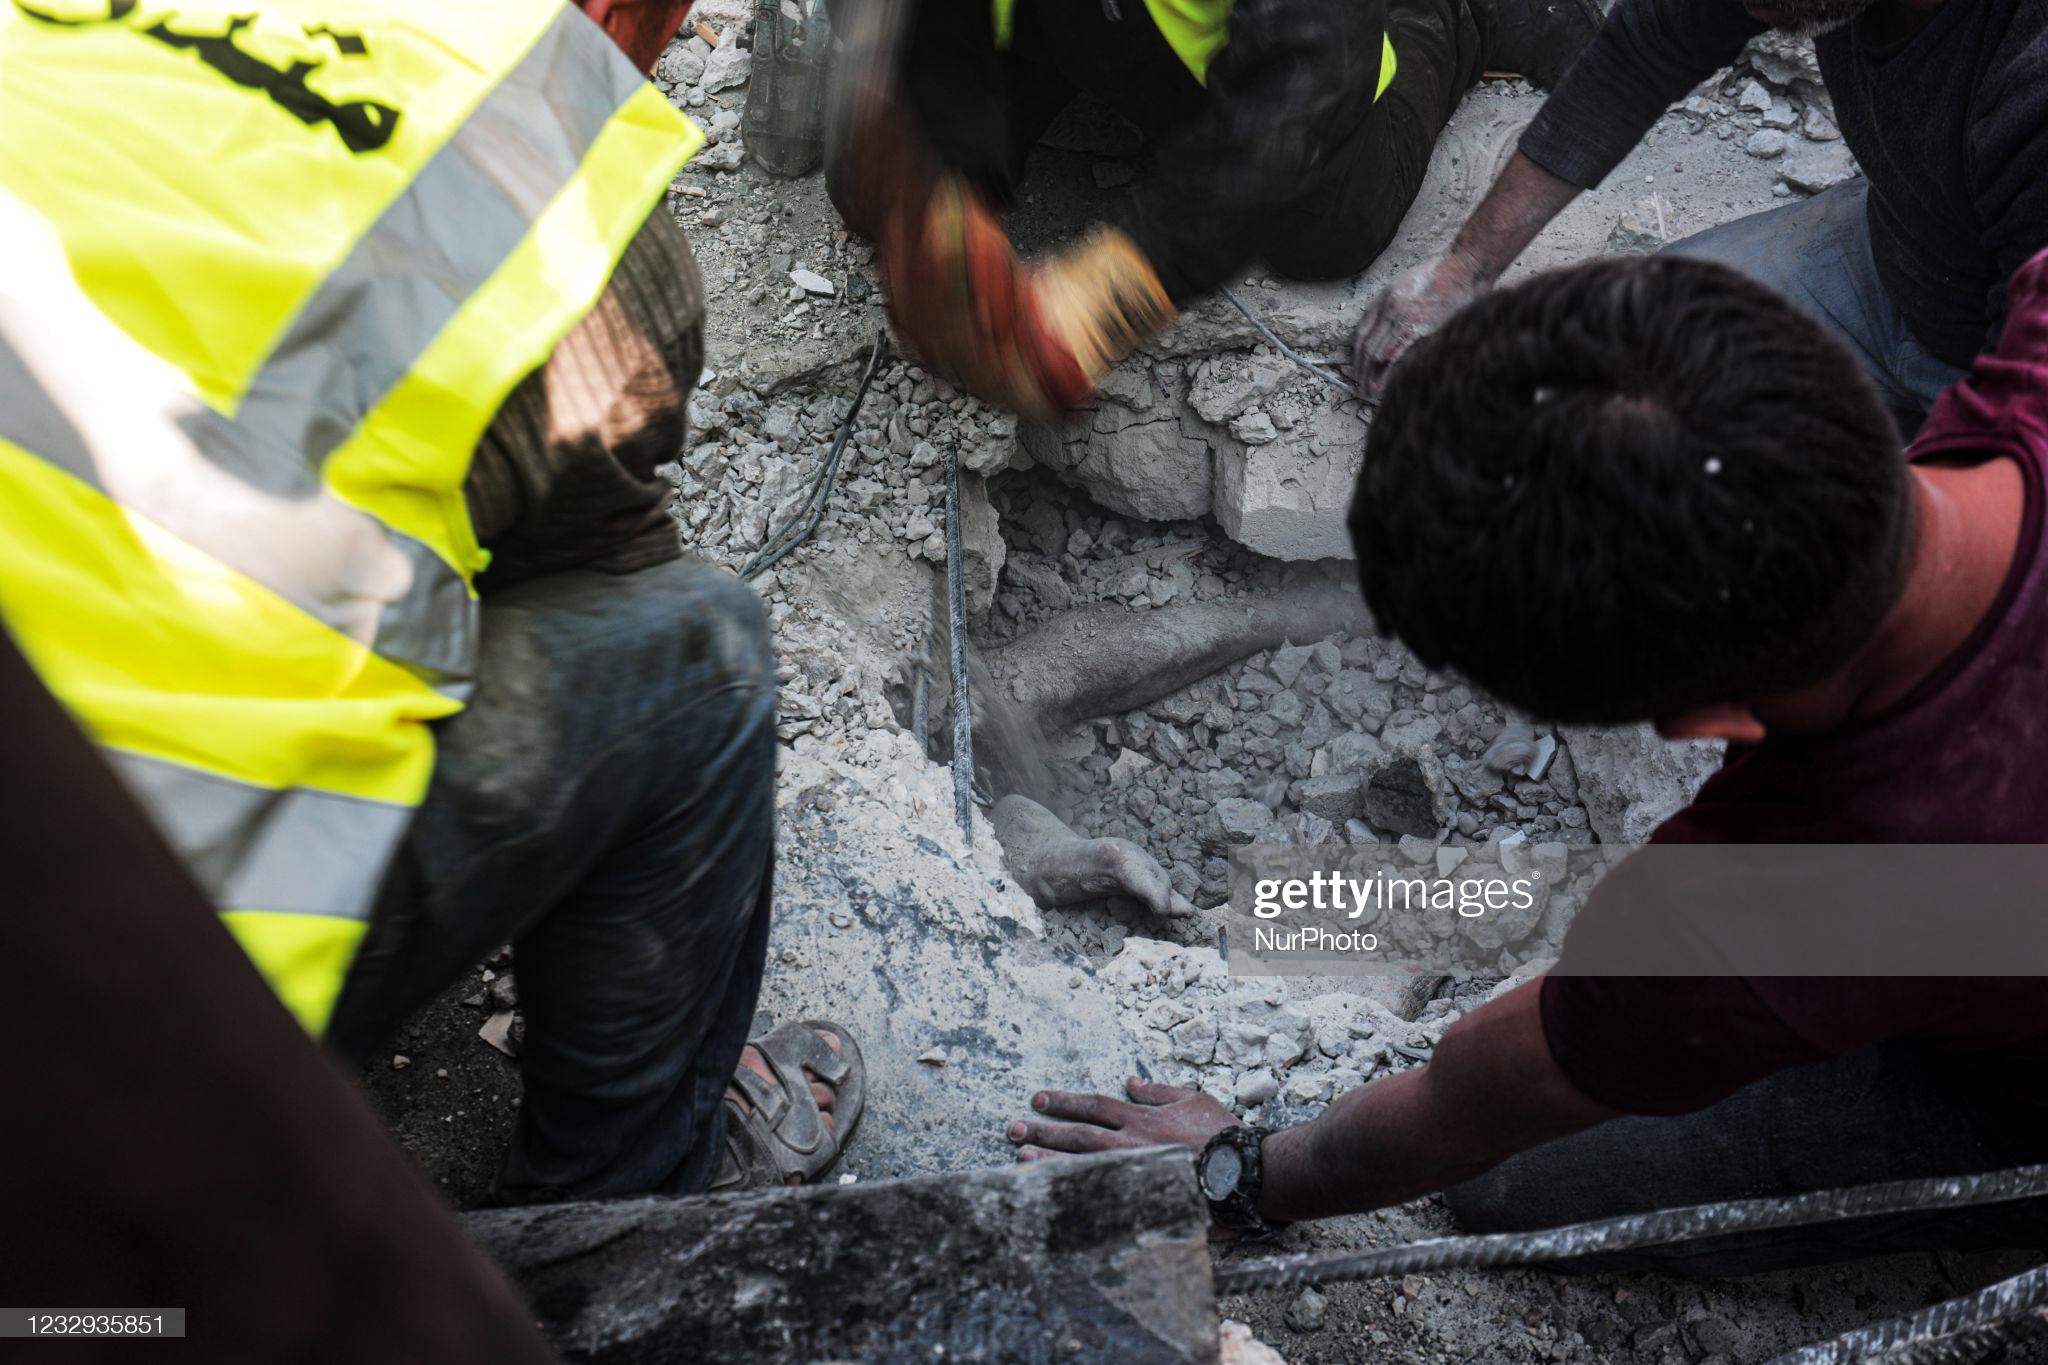 تصاویری دردناک از مدفون شدن فلسطینی ها زیر آوار حملات اسرائیلی ها